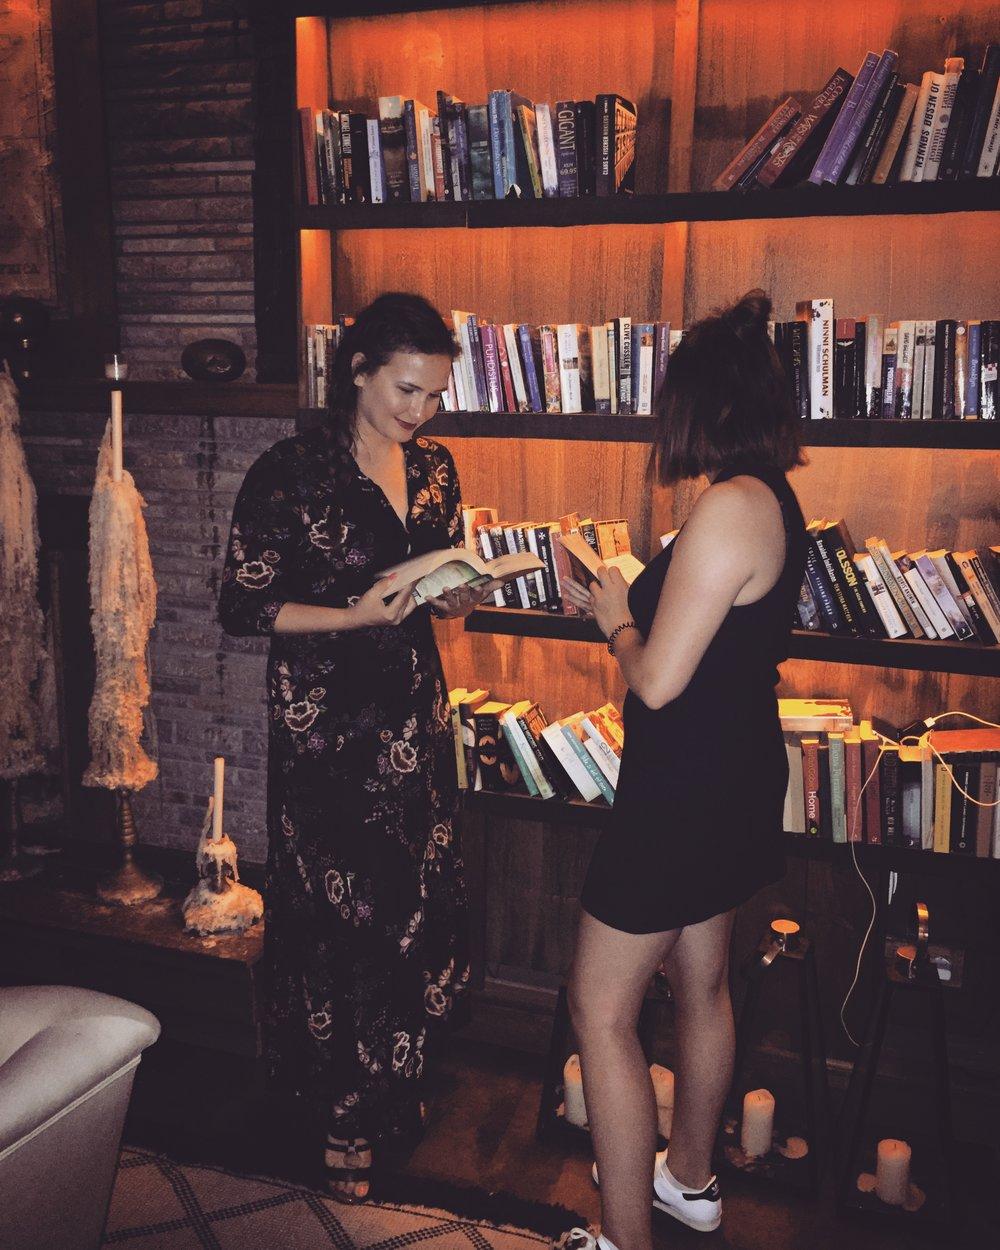 Aylin und Marie haben sich 2016 durch die Leidenschaft zu Büchern kennengelernt und sich seitdem bereits stundenlang bei Kaffee &Wein ausgetauscht ...